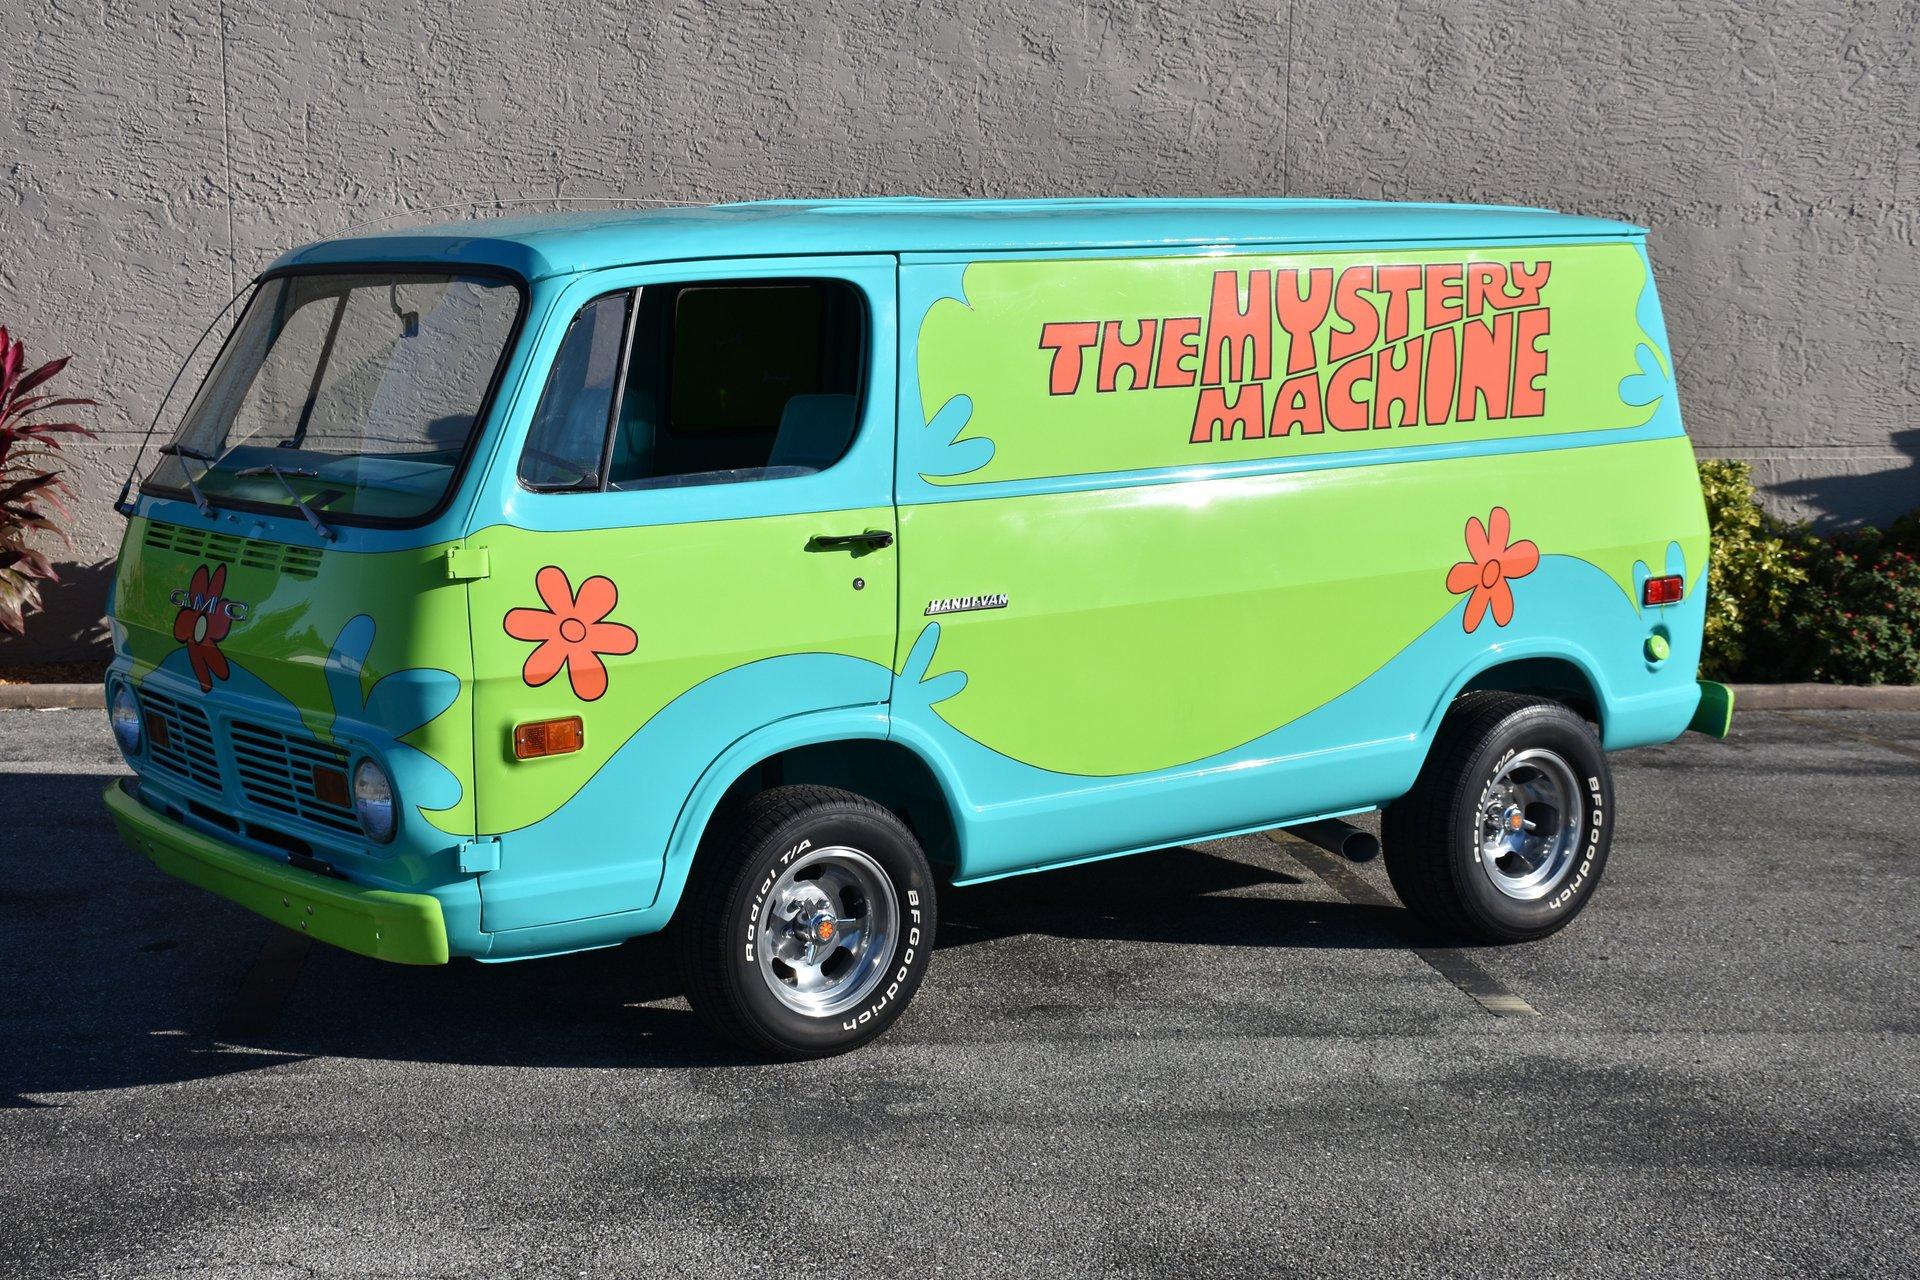 1969 gmc handi van scooby doo mystery machine